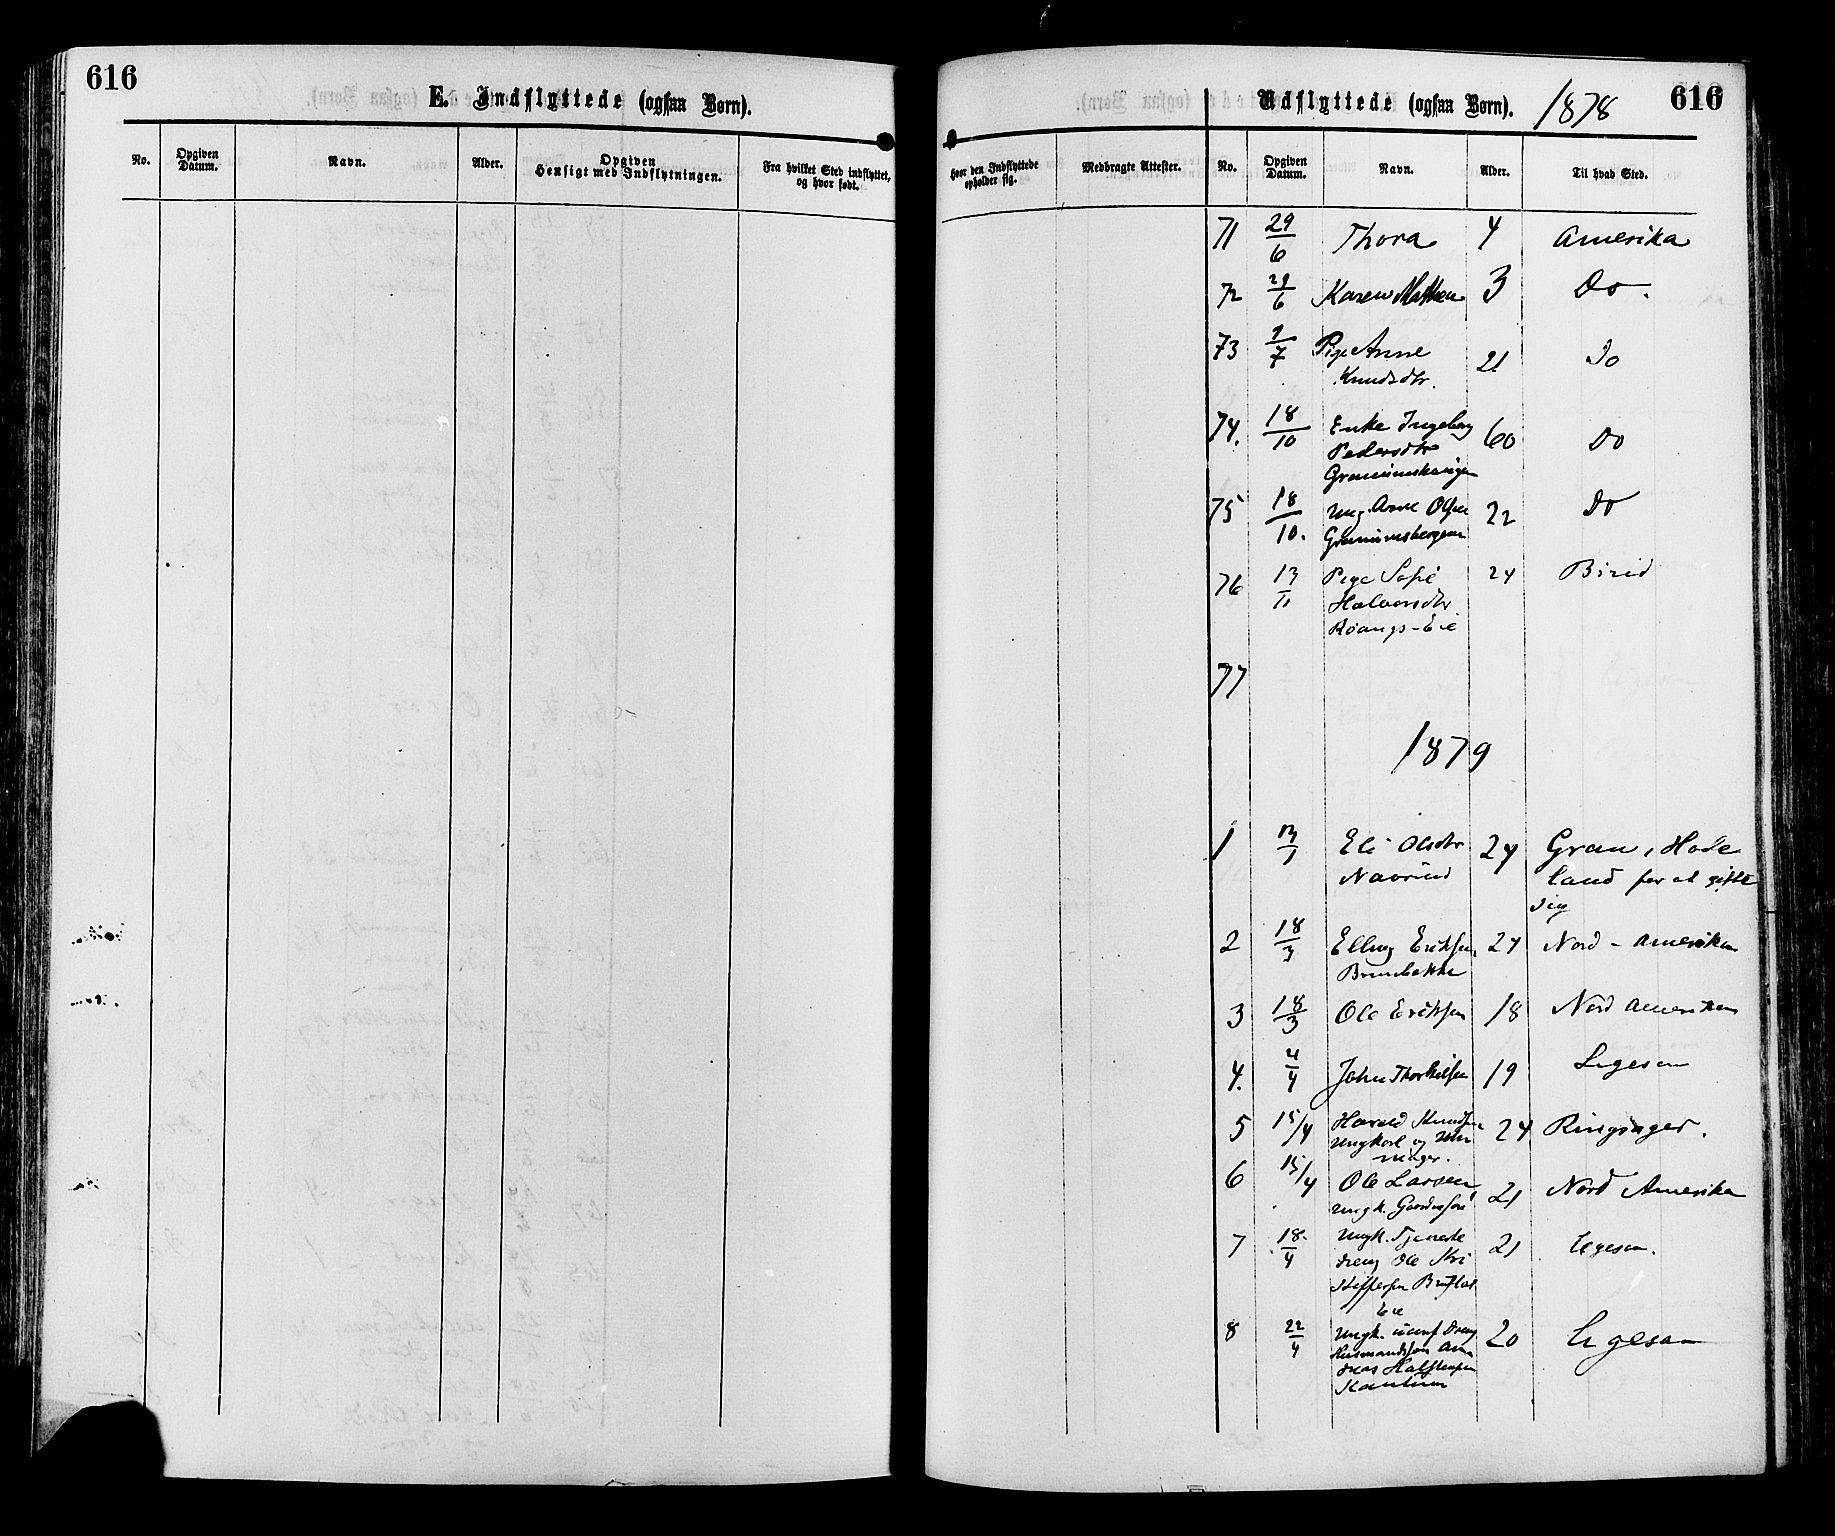 SAH, Sør-Aurdal prestekontor, Ministerialbok nr. 8, 1877-1885, s. 616